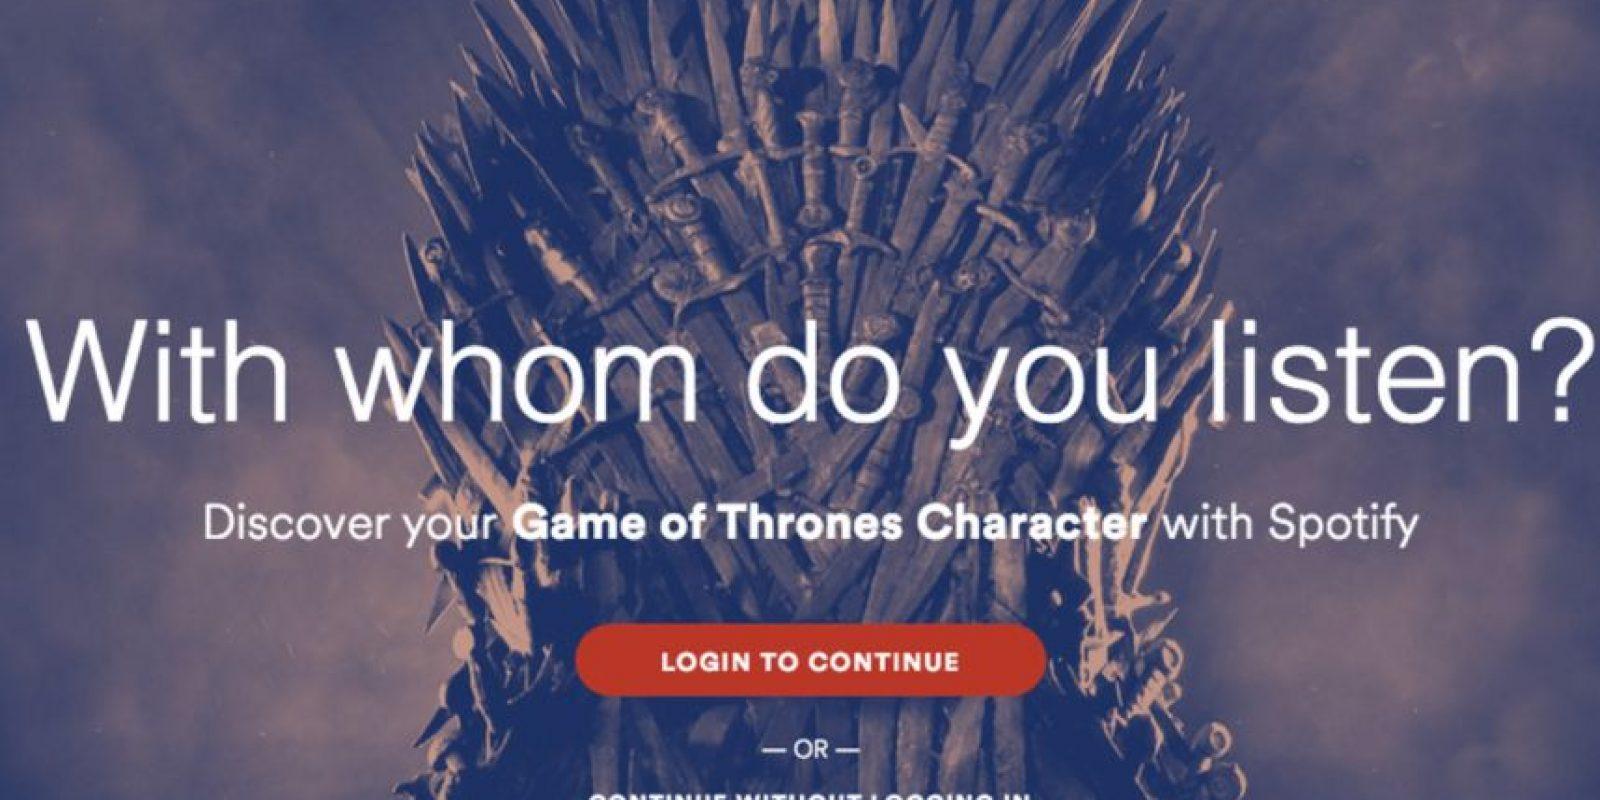 """Estas son algunas de listas que Spotify realizó inspiradas en """"Game of Thrones"""". Foto:Spotify"""